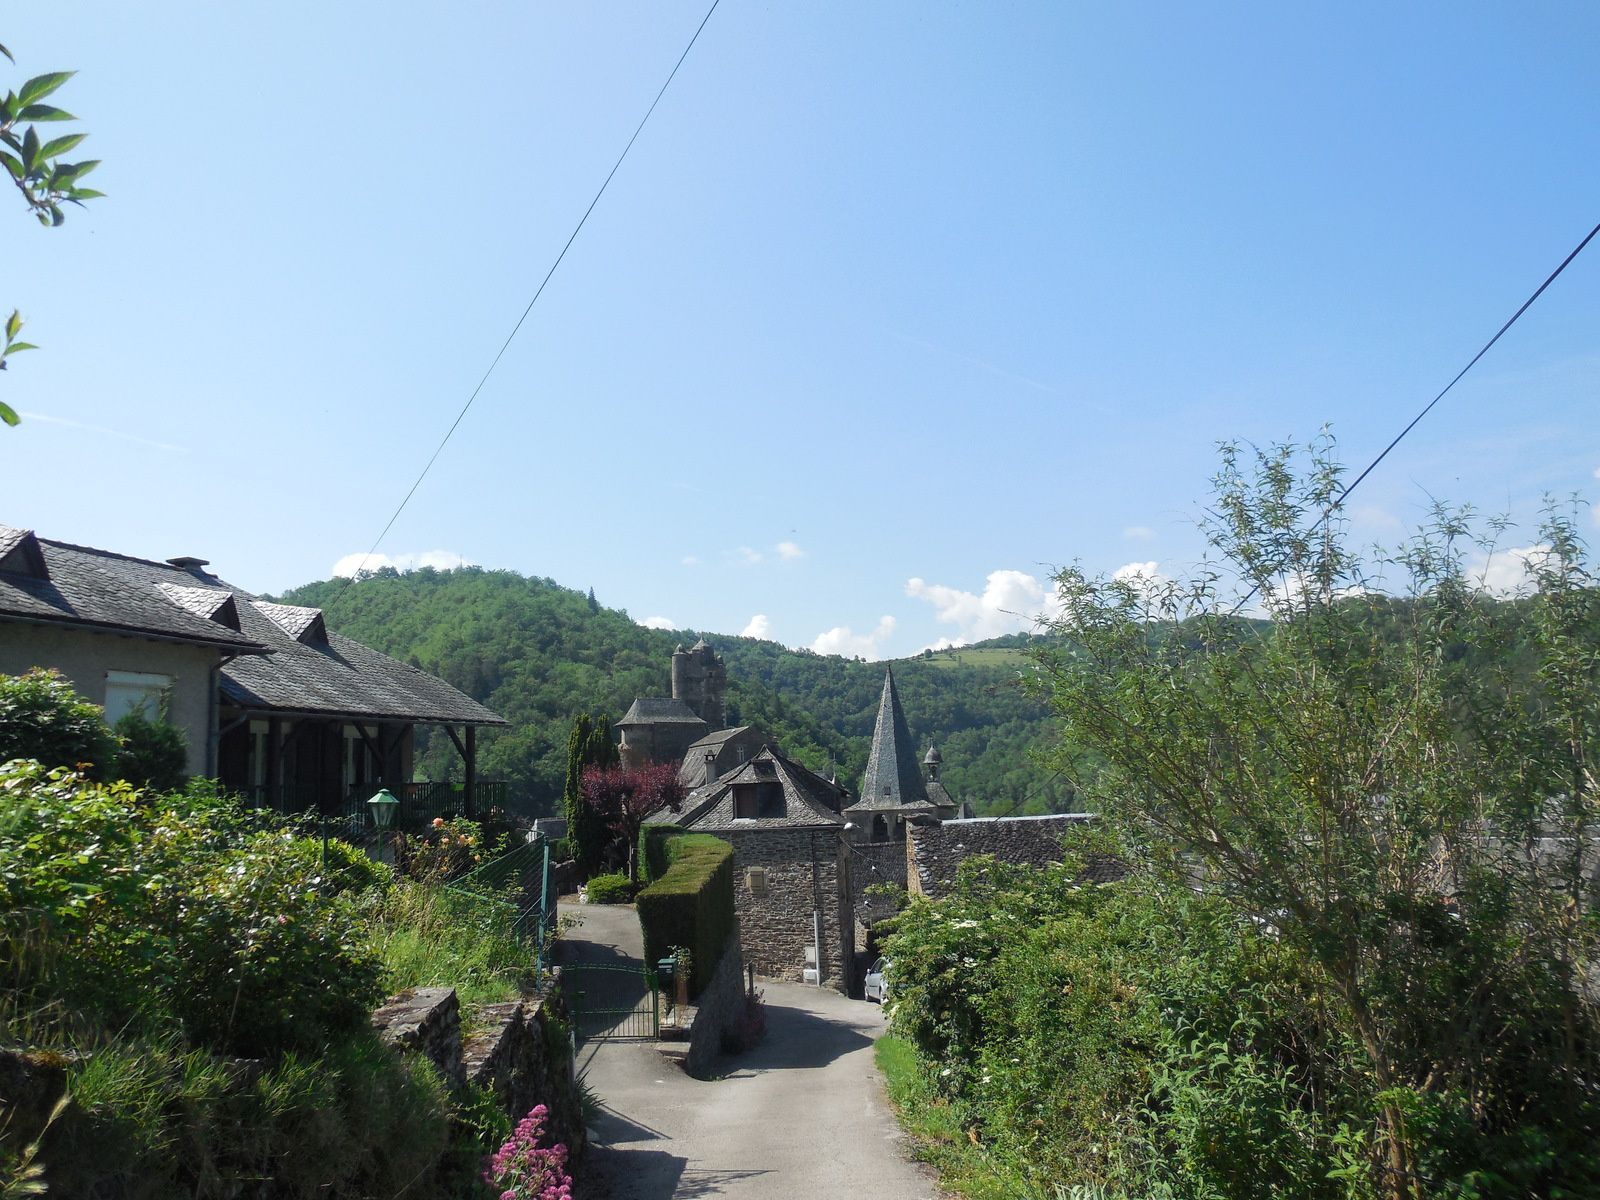 Les plus beaux villages de France: Estaing (Aveyron)